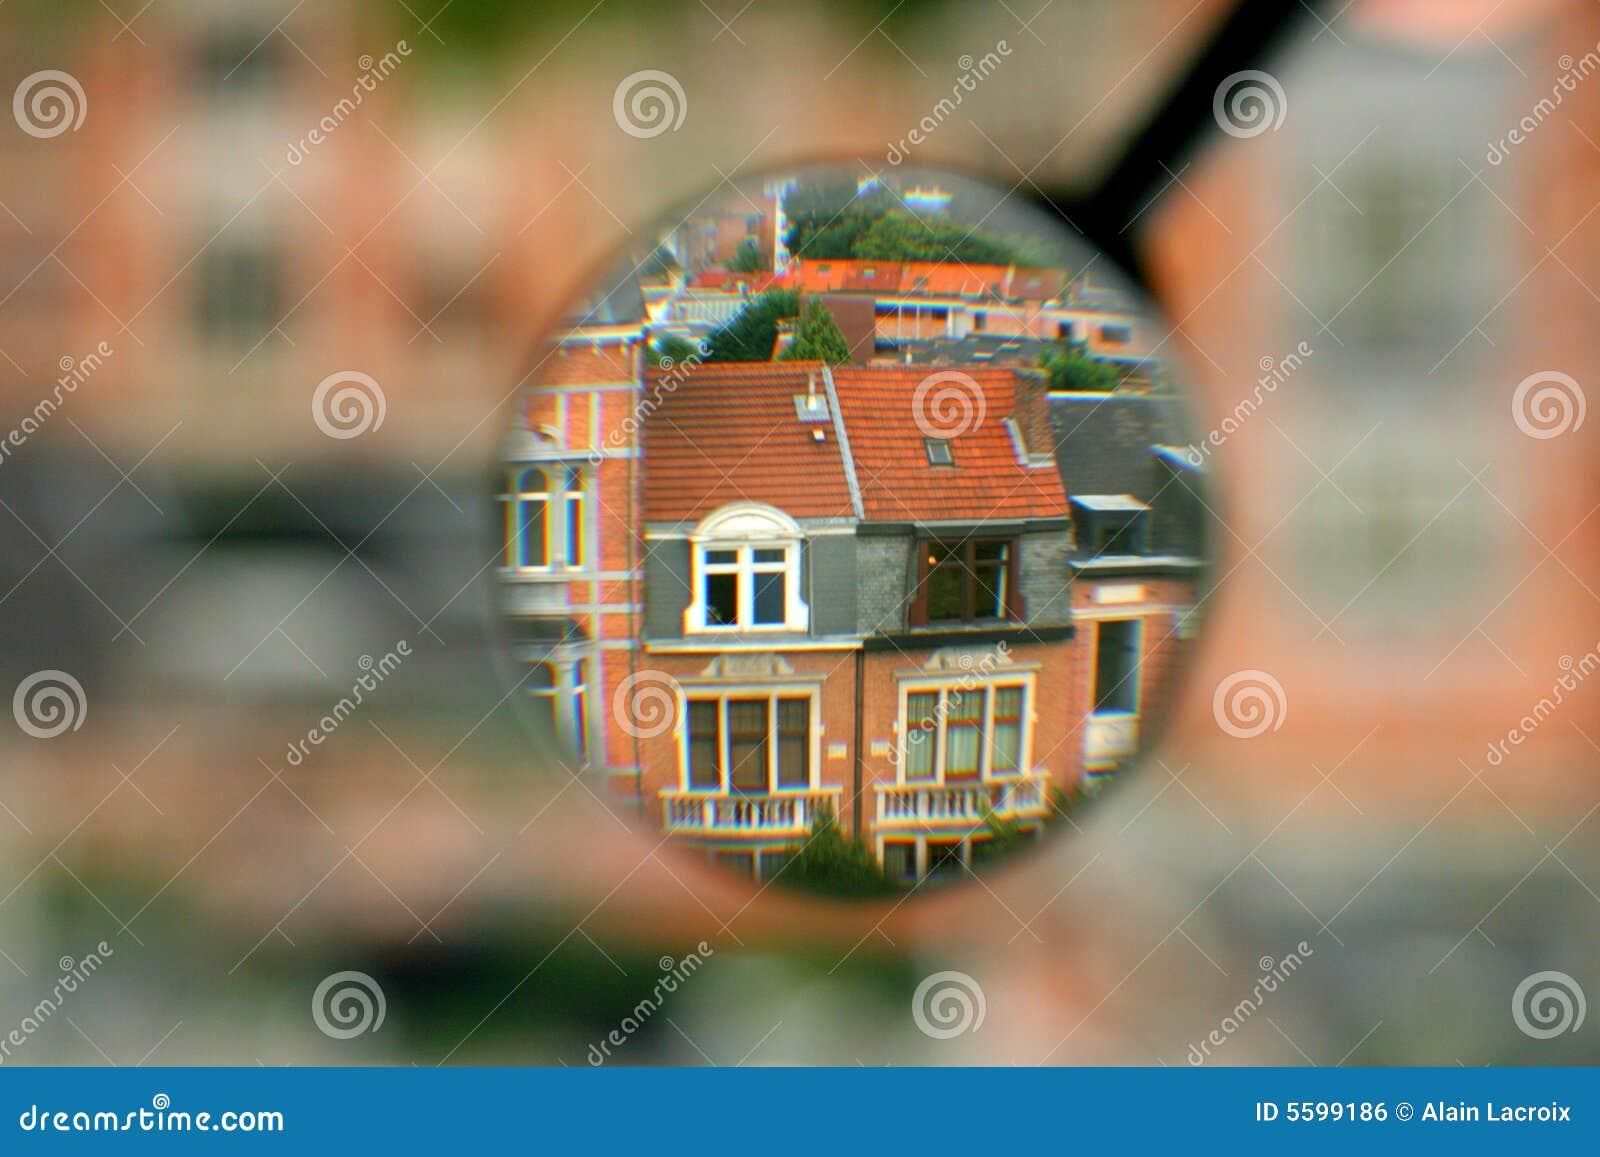 Procurando uma casa